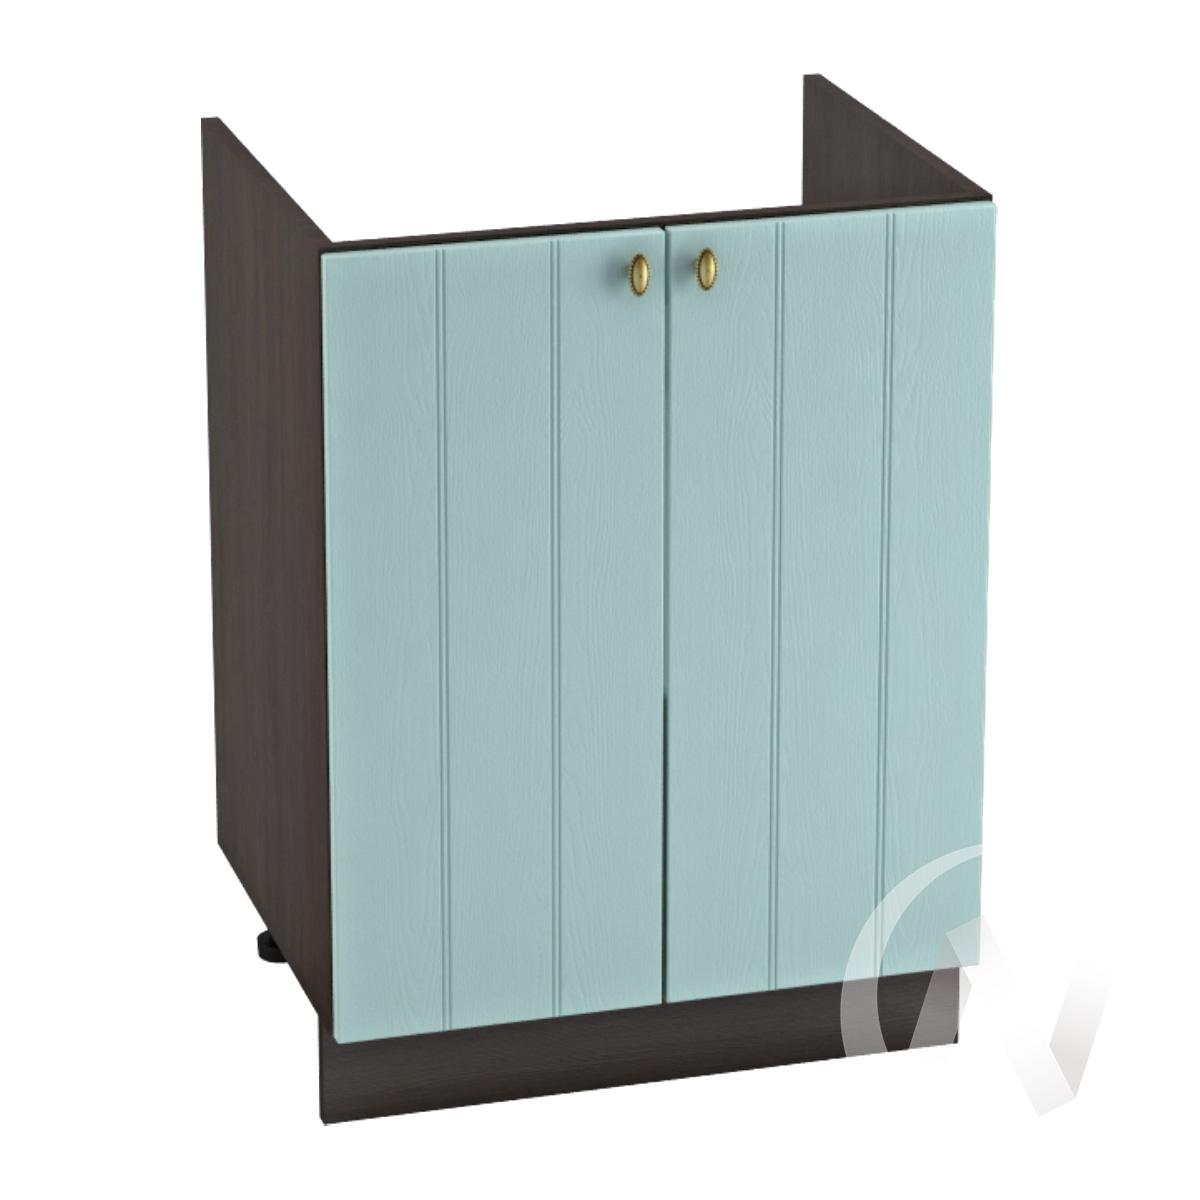 """Кухня """"Прованс"""": Шкаф нижний под мойку 600, ШНМ 600 (голубой/корпус венге)"""